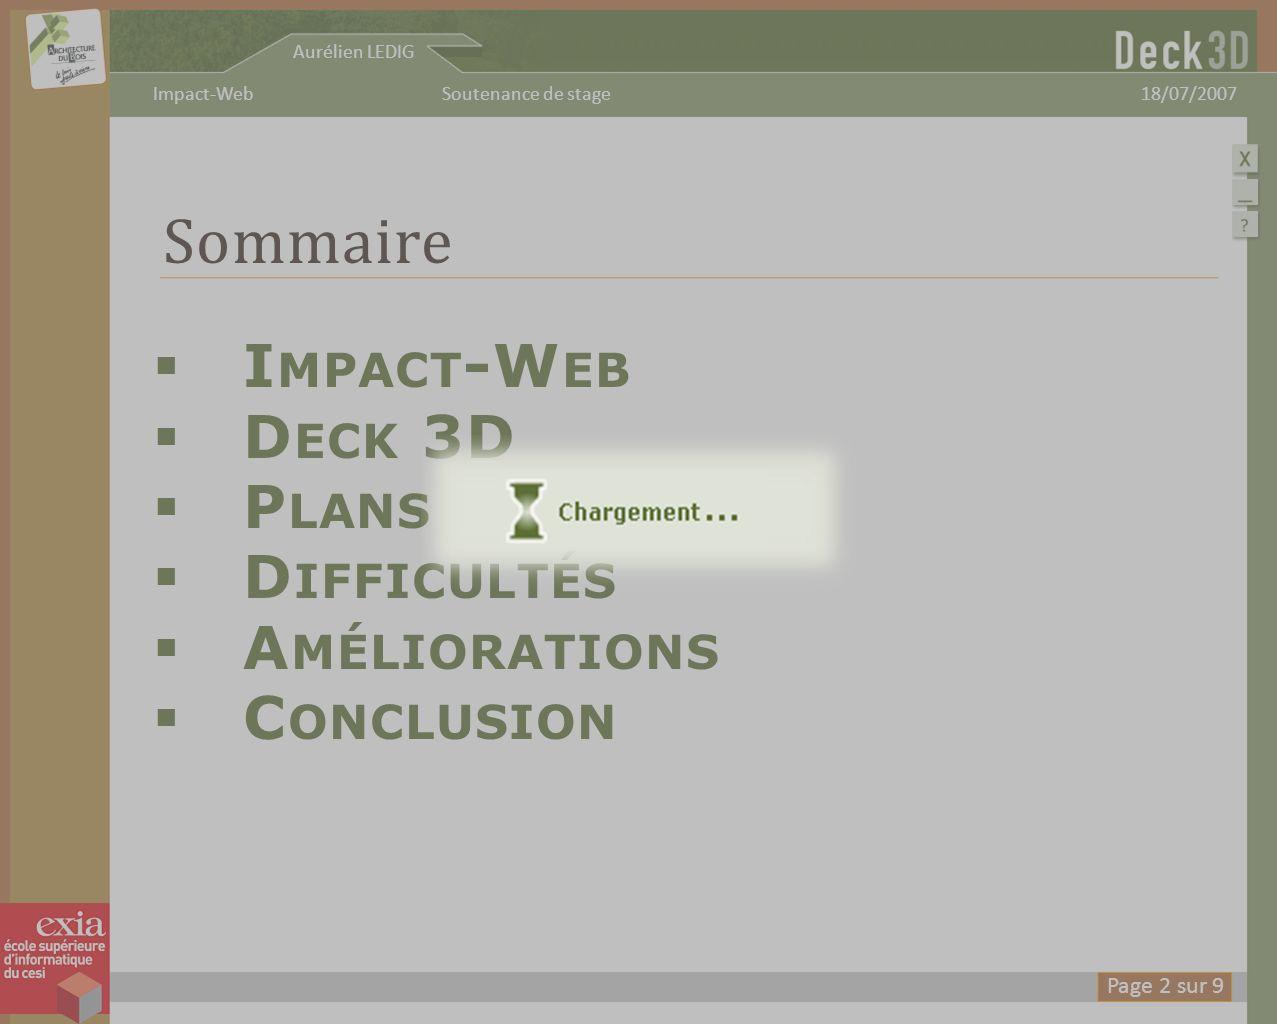 Aurélien LEDIG 18/07/2007Soutenance de stageImpact-Web C ONCLUSION -Plus compliqué que prévu -Bonne valeur ajoutée pour Deck 3D -Programmation Java sur application avancée intéressante Page 8 sur 9